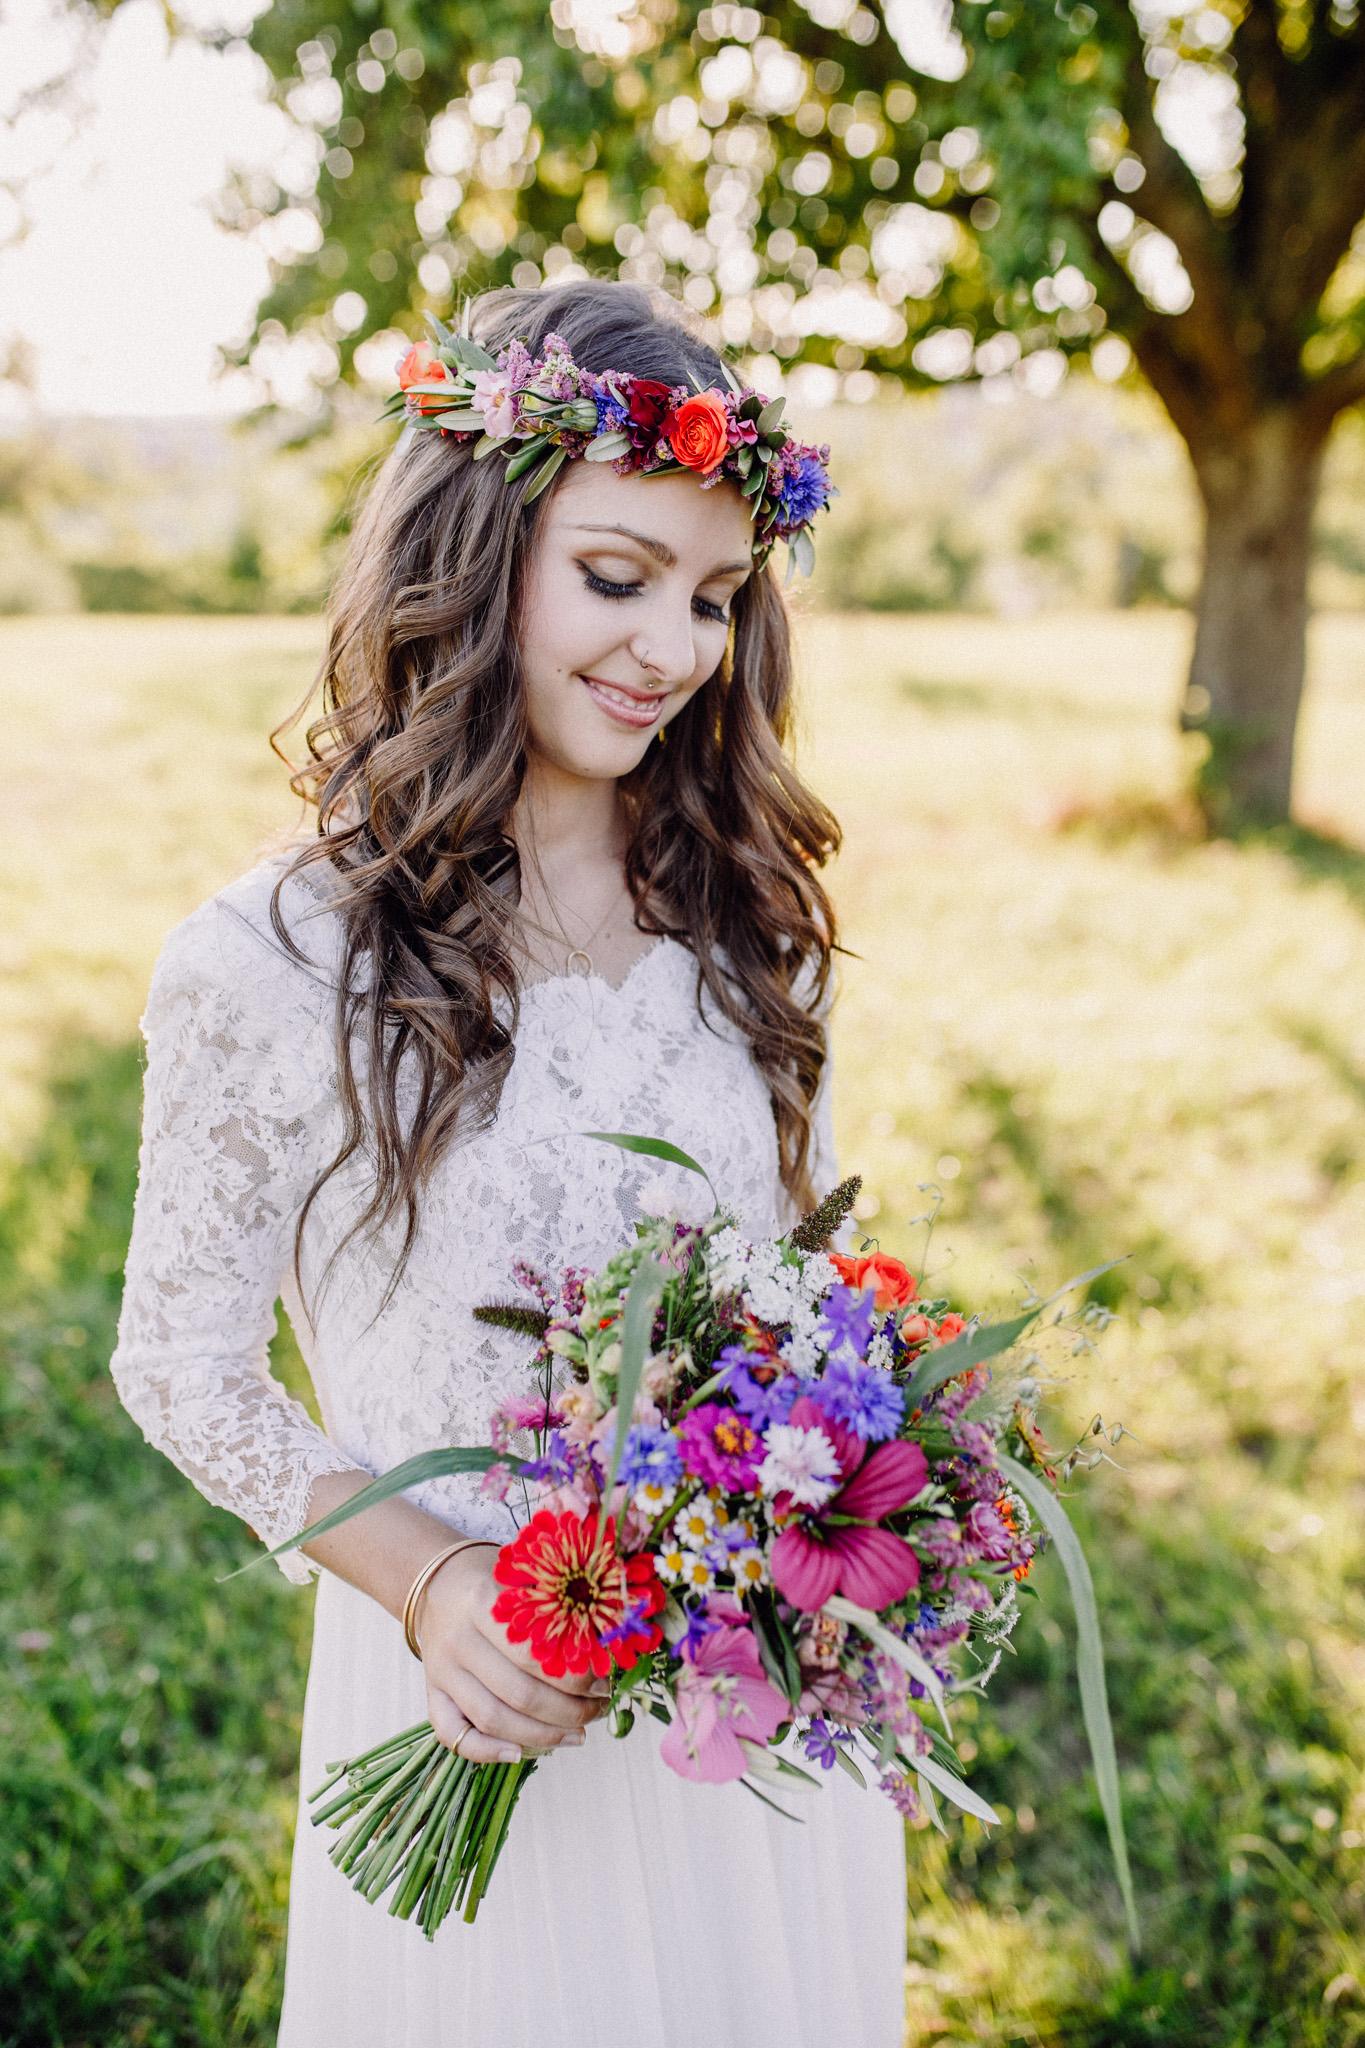 Hippie_Boho_Wedding_Hochzeit_Hochzeitsfotograf_Stuttgart_me_him_photography-klein-275